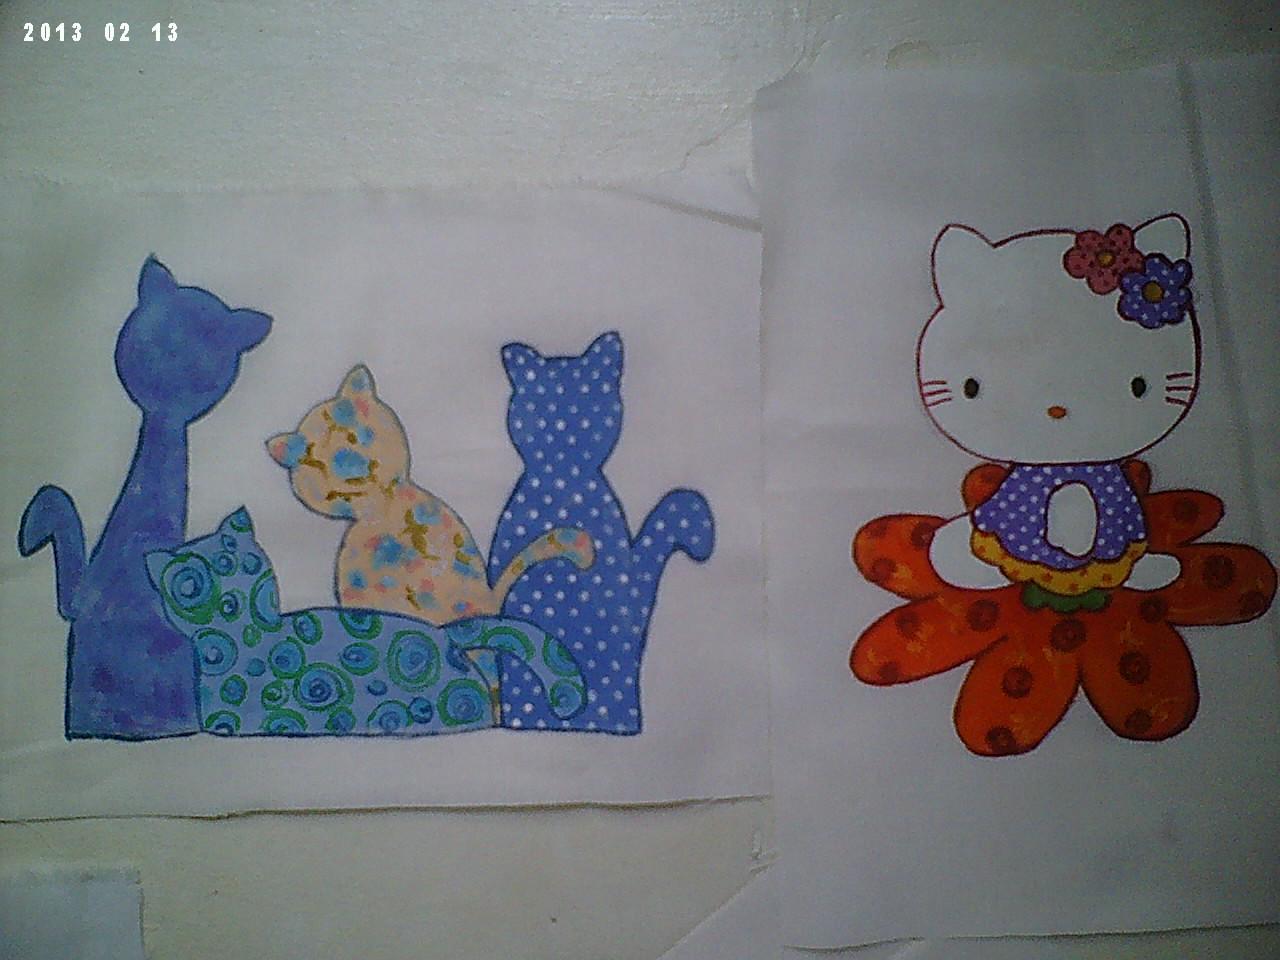 ... -3743(Tim)-Curitiba: outras pinturas em tecido comefeito patchaplique